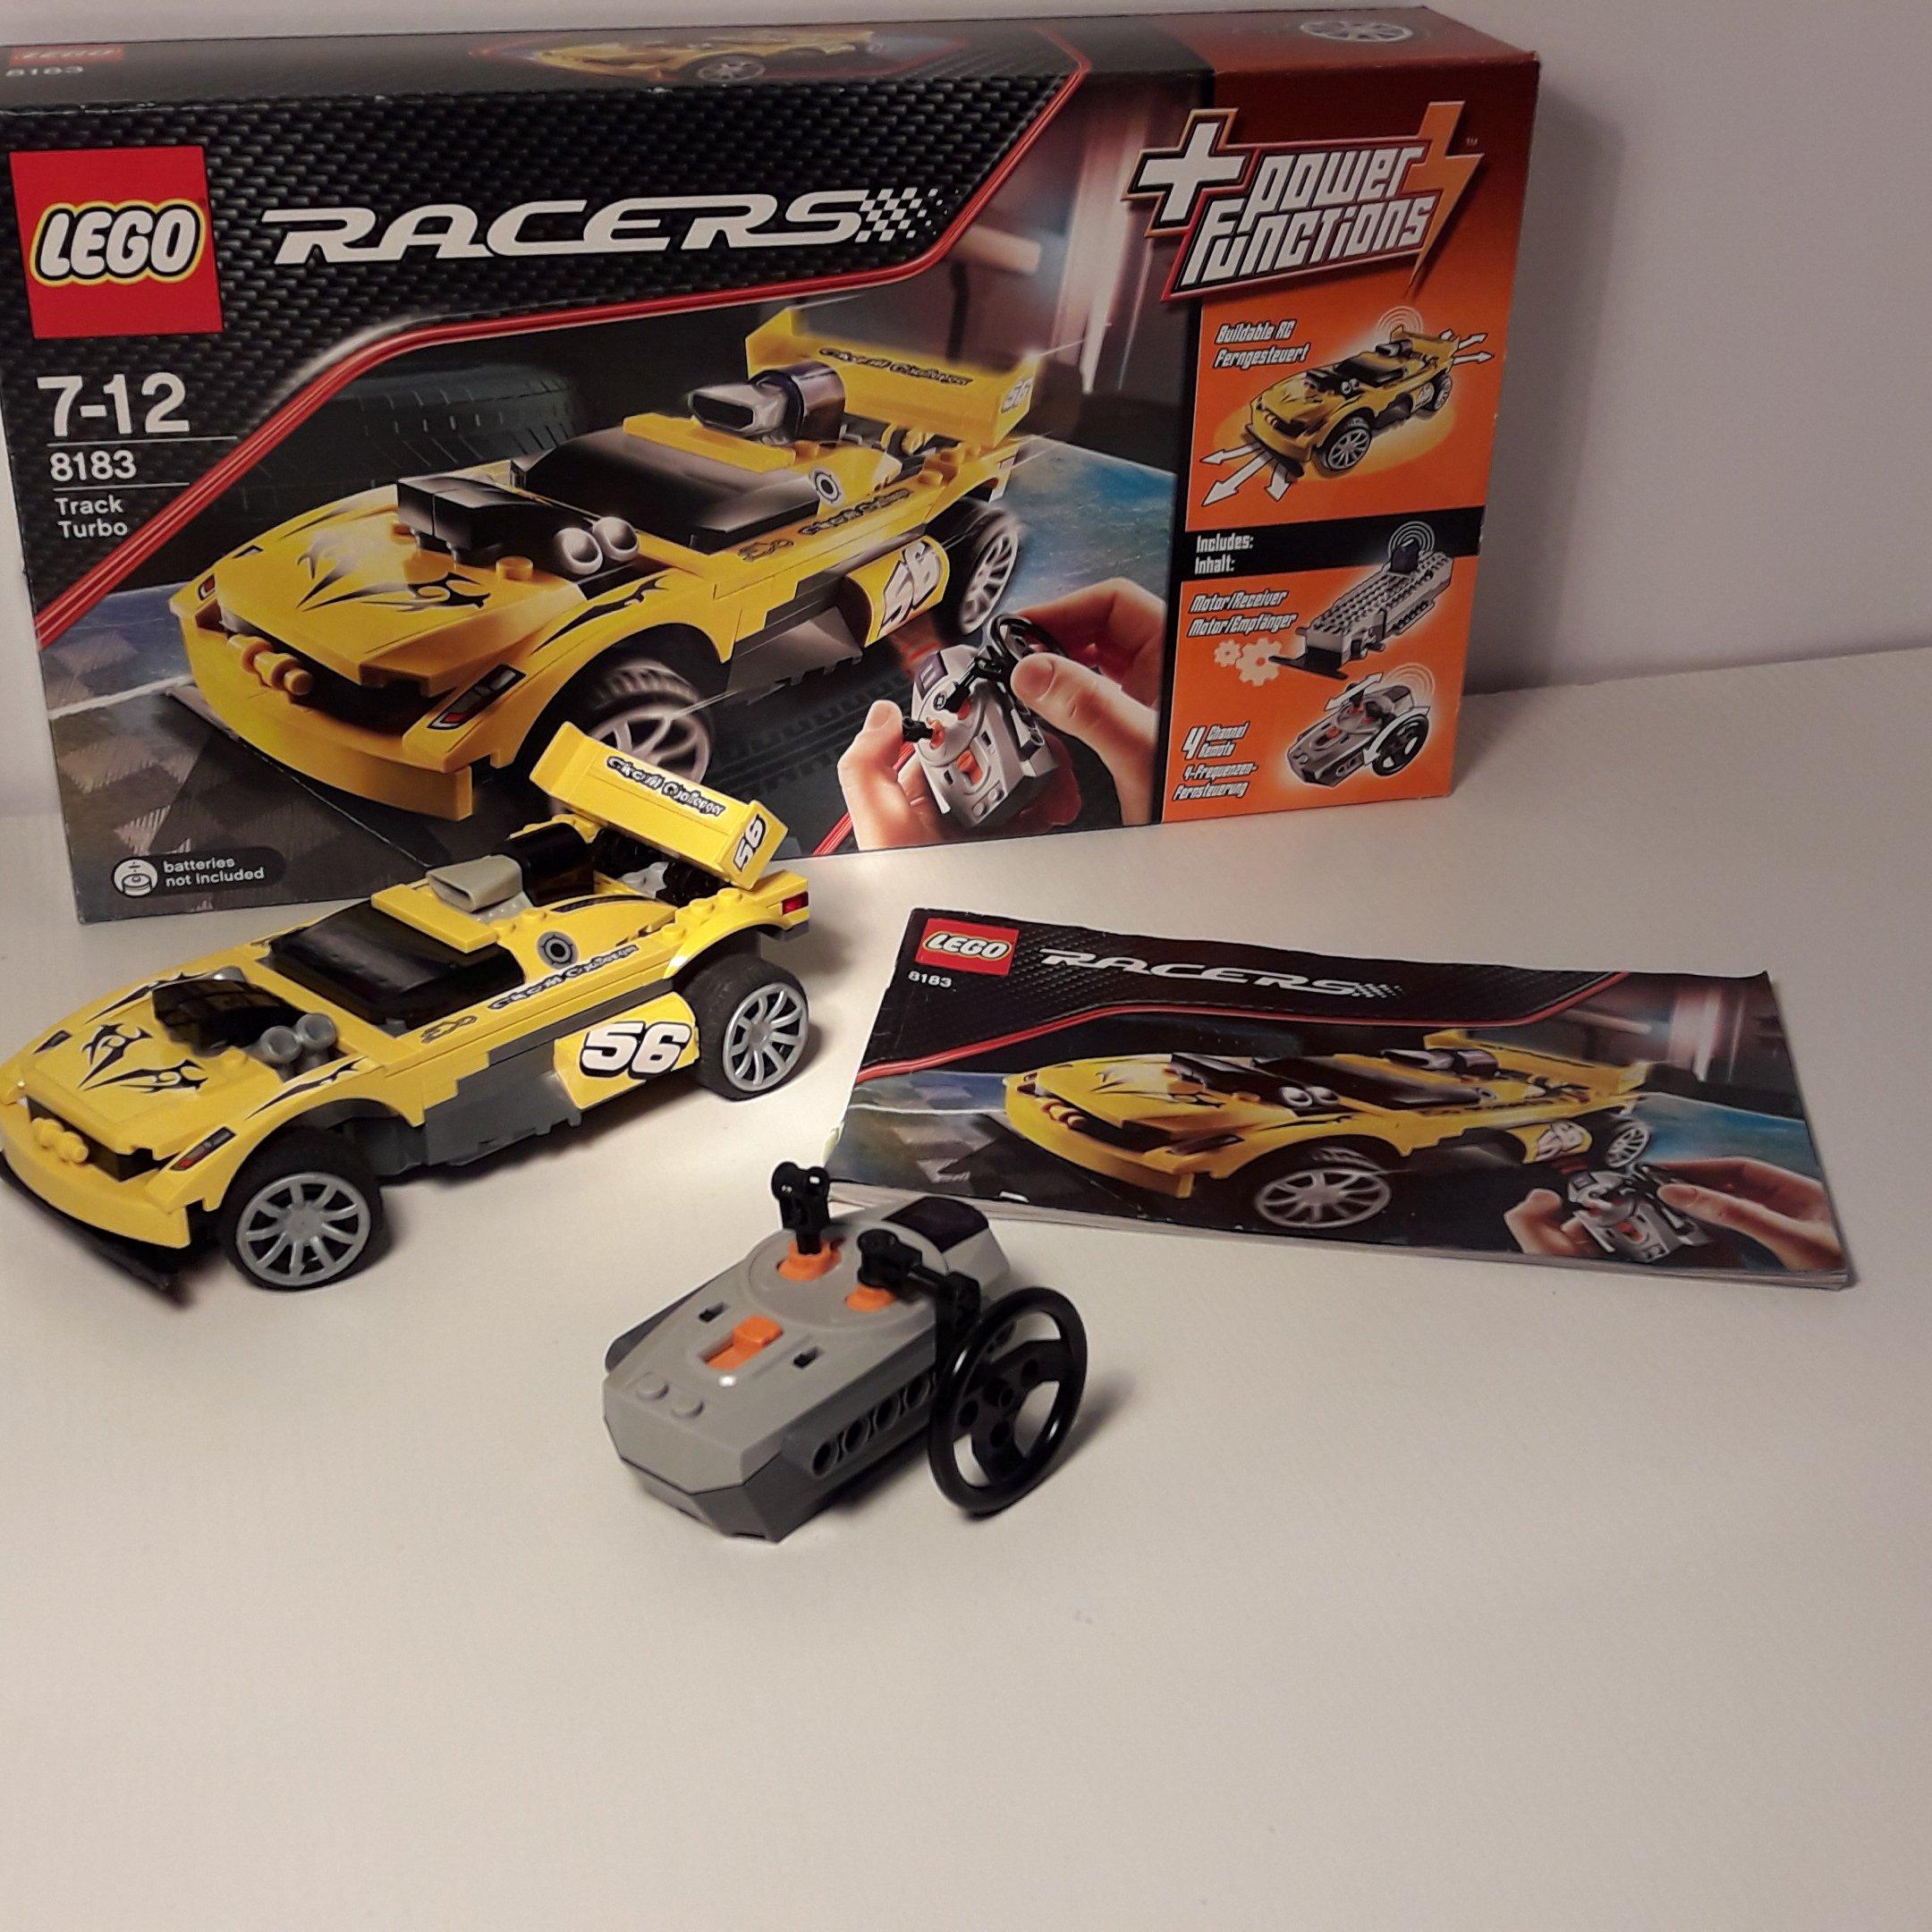 Lego Racers 8183 Samochód Zdalnie Sterowany 2w1 7087808659